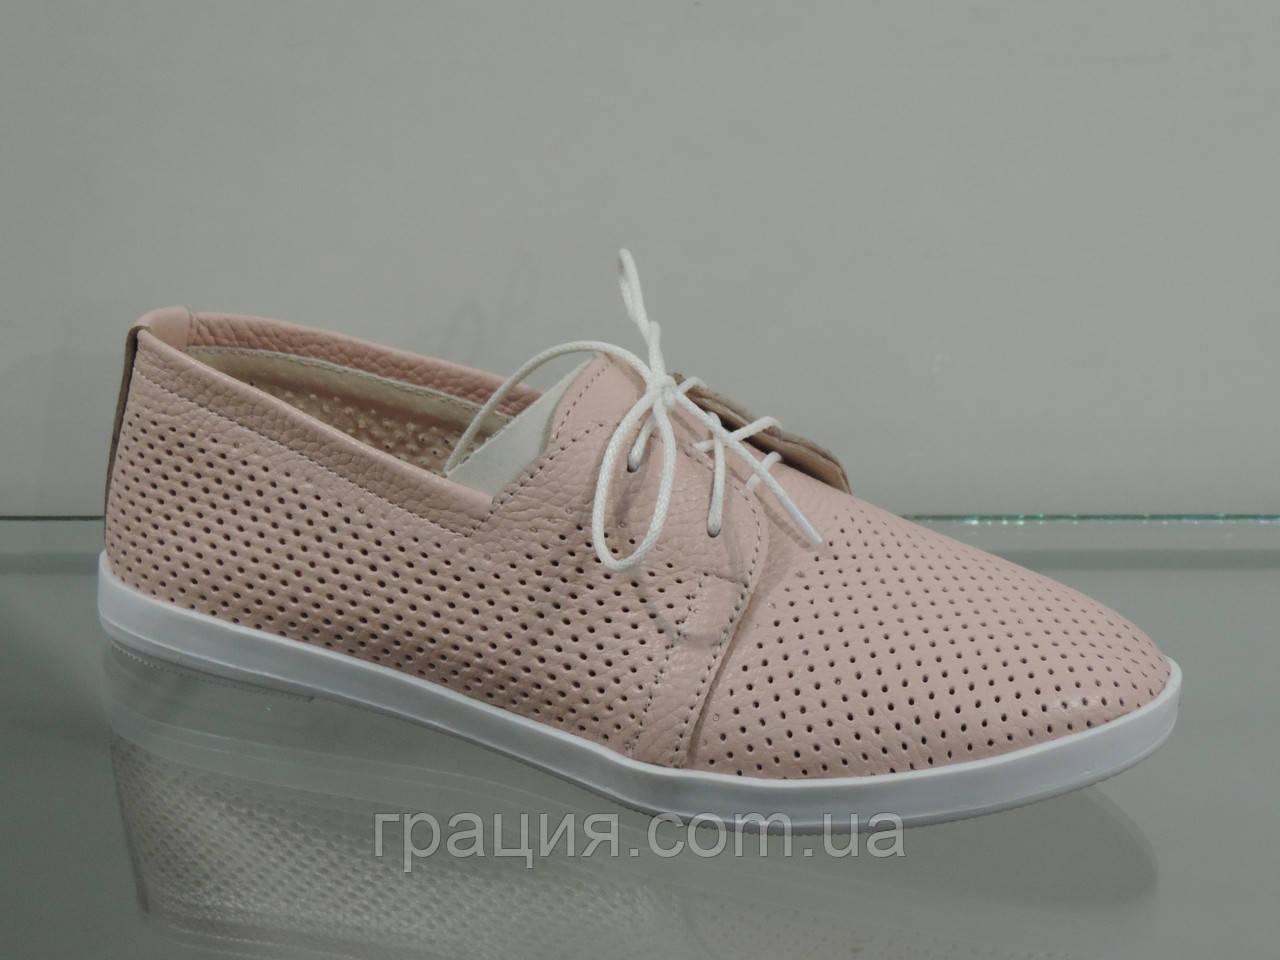 Туфлі жіночі шкіряні м'які з перфорацією